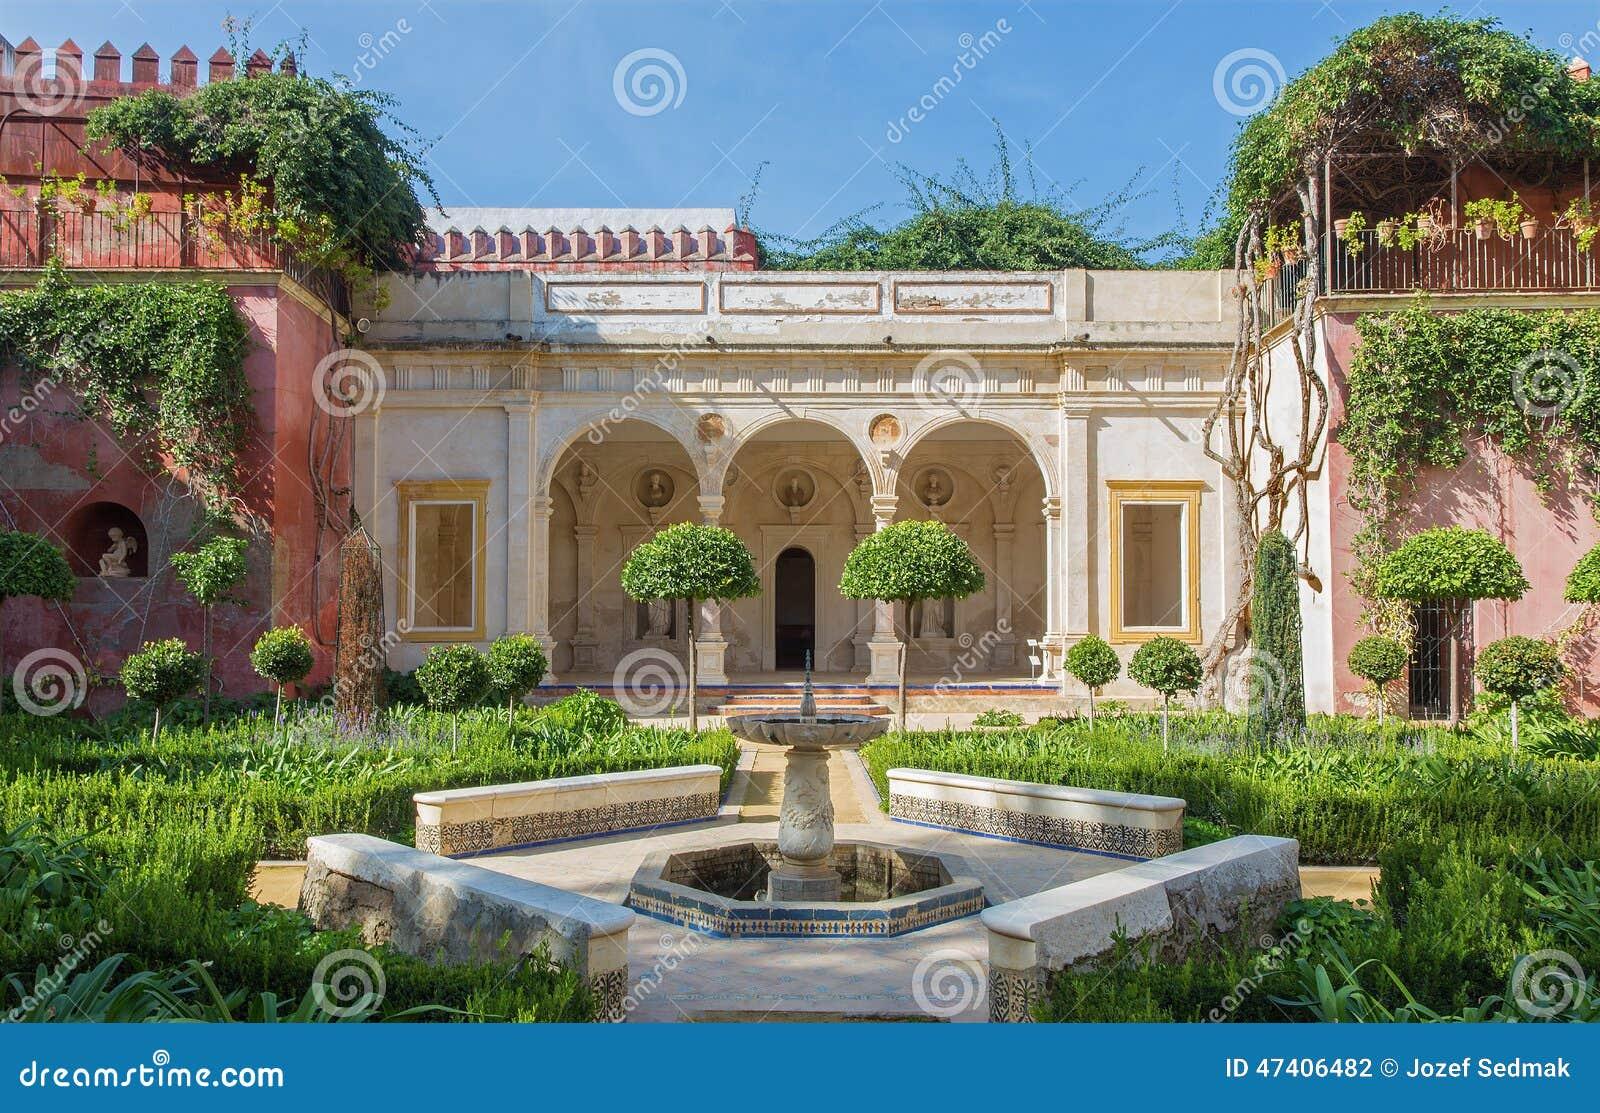 Sevilla la fachada y los jardines de casa de pilatos foto de archivo imagen de monumento - Jardines de sevilla ...